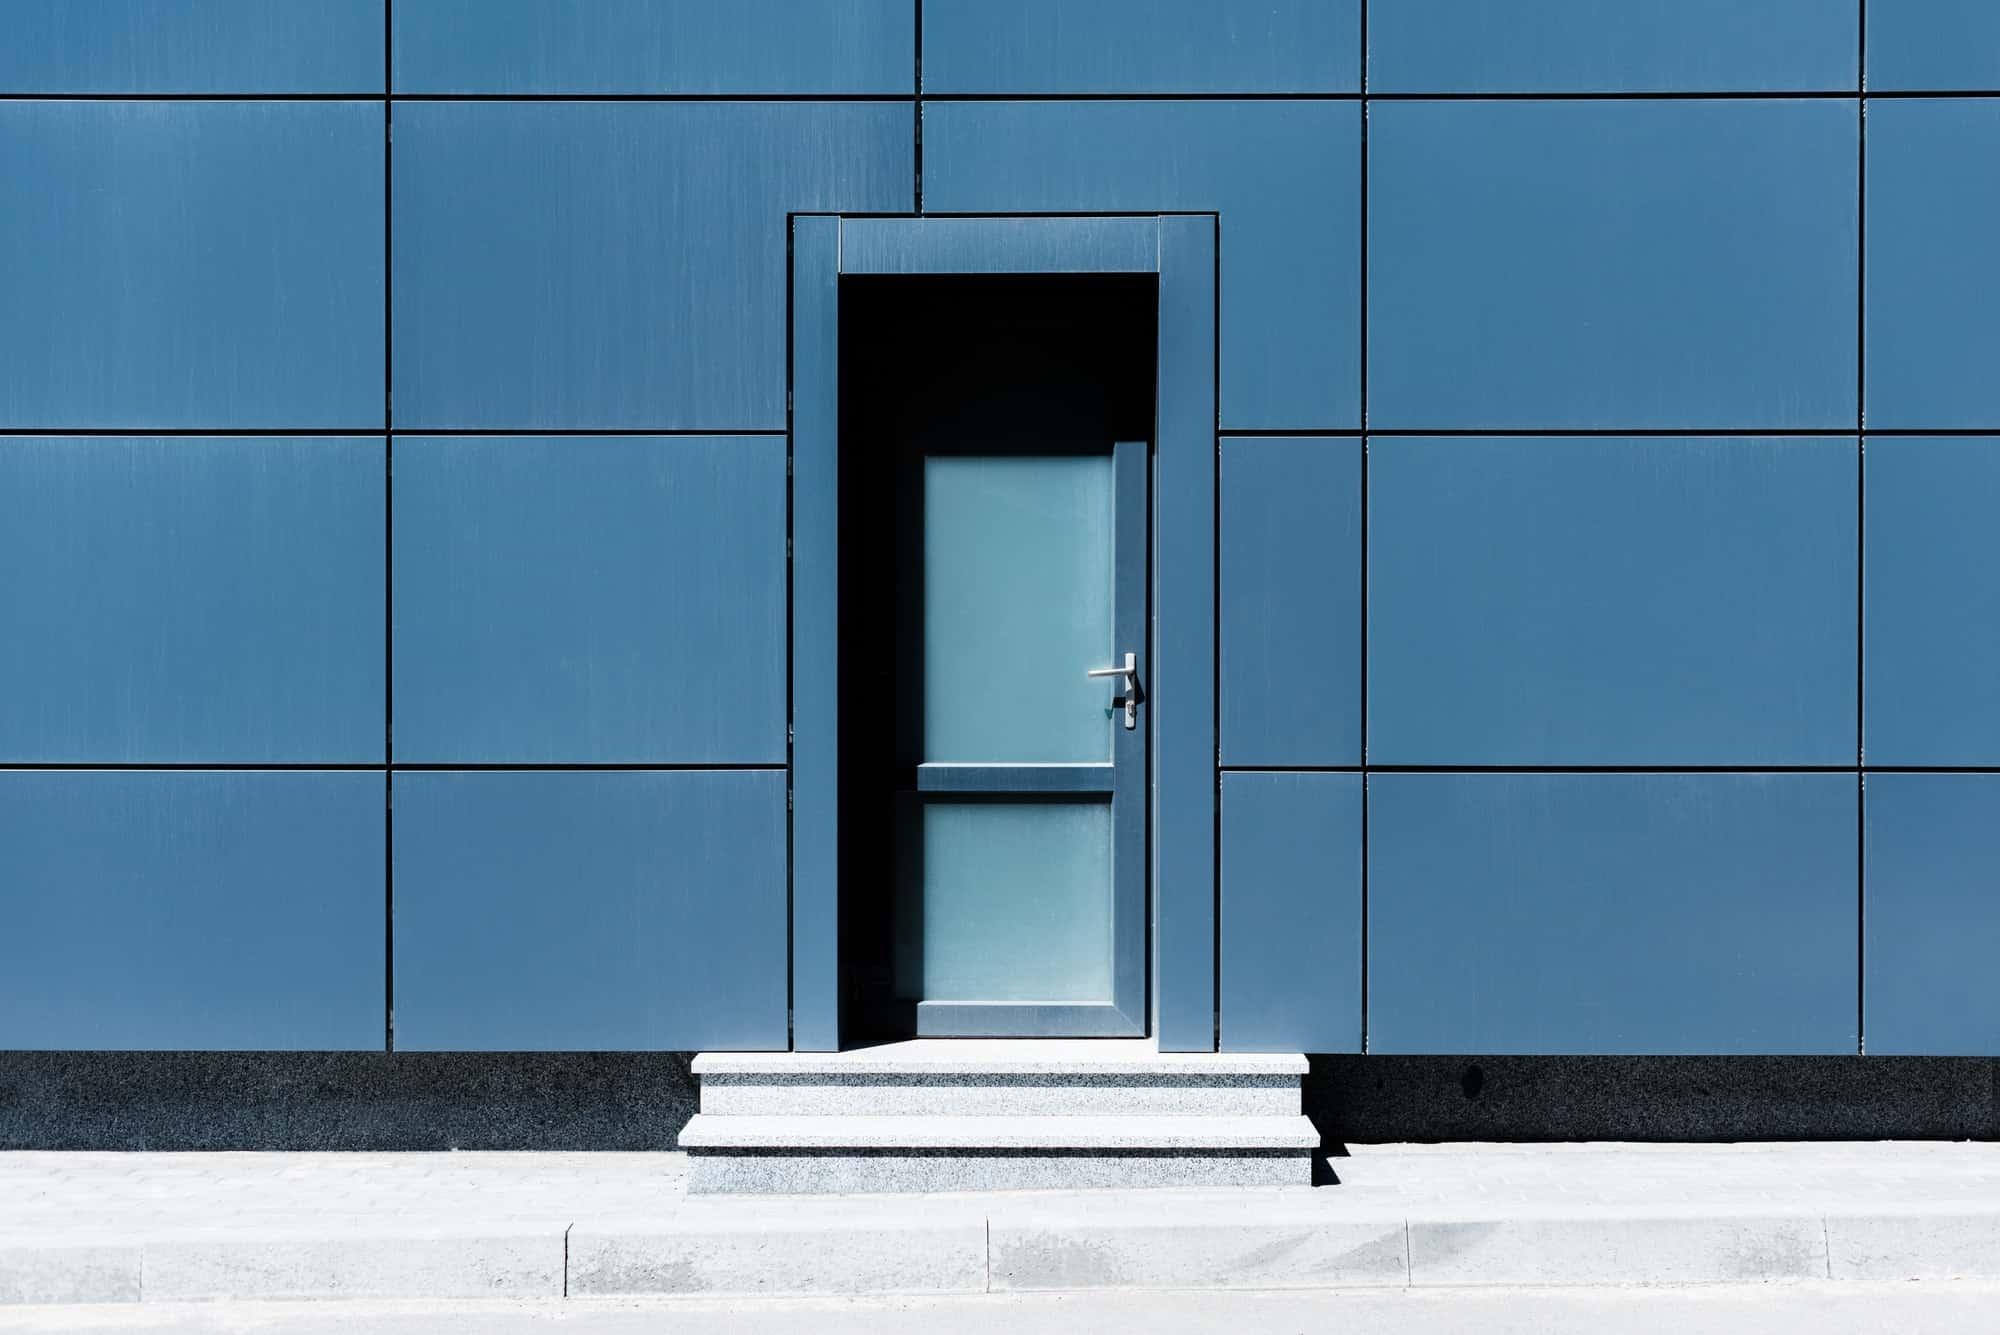 Entrance door in modern glass building